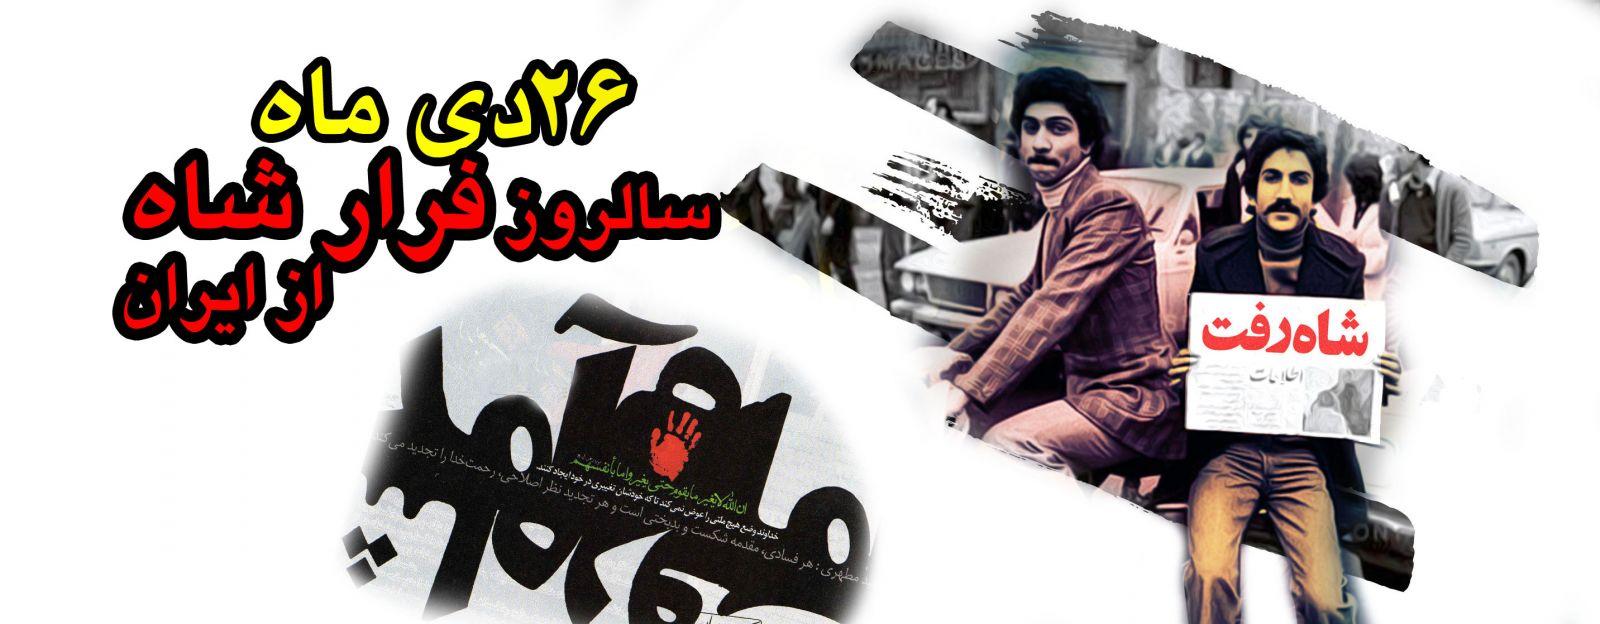 26 دی ماه سالروز فرار شاه معدوم از ایران